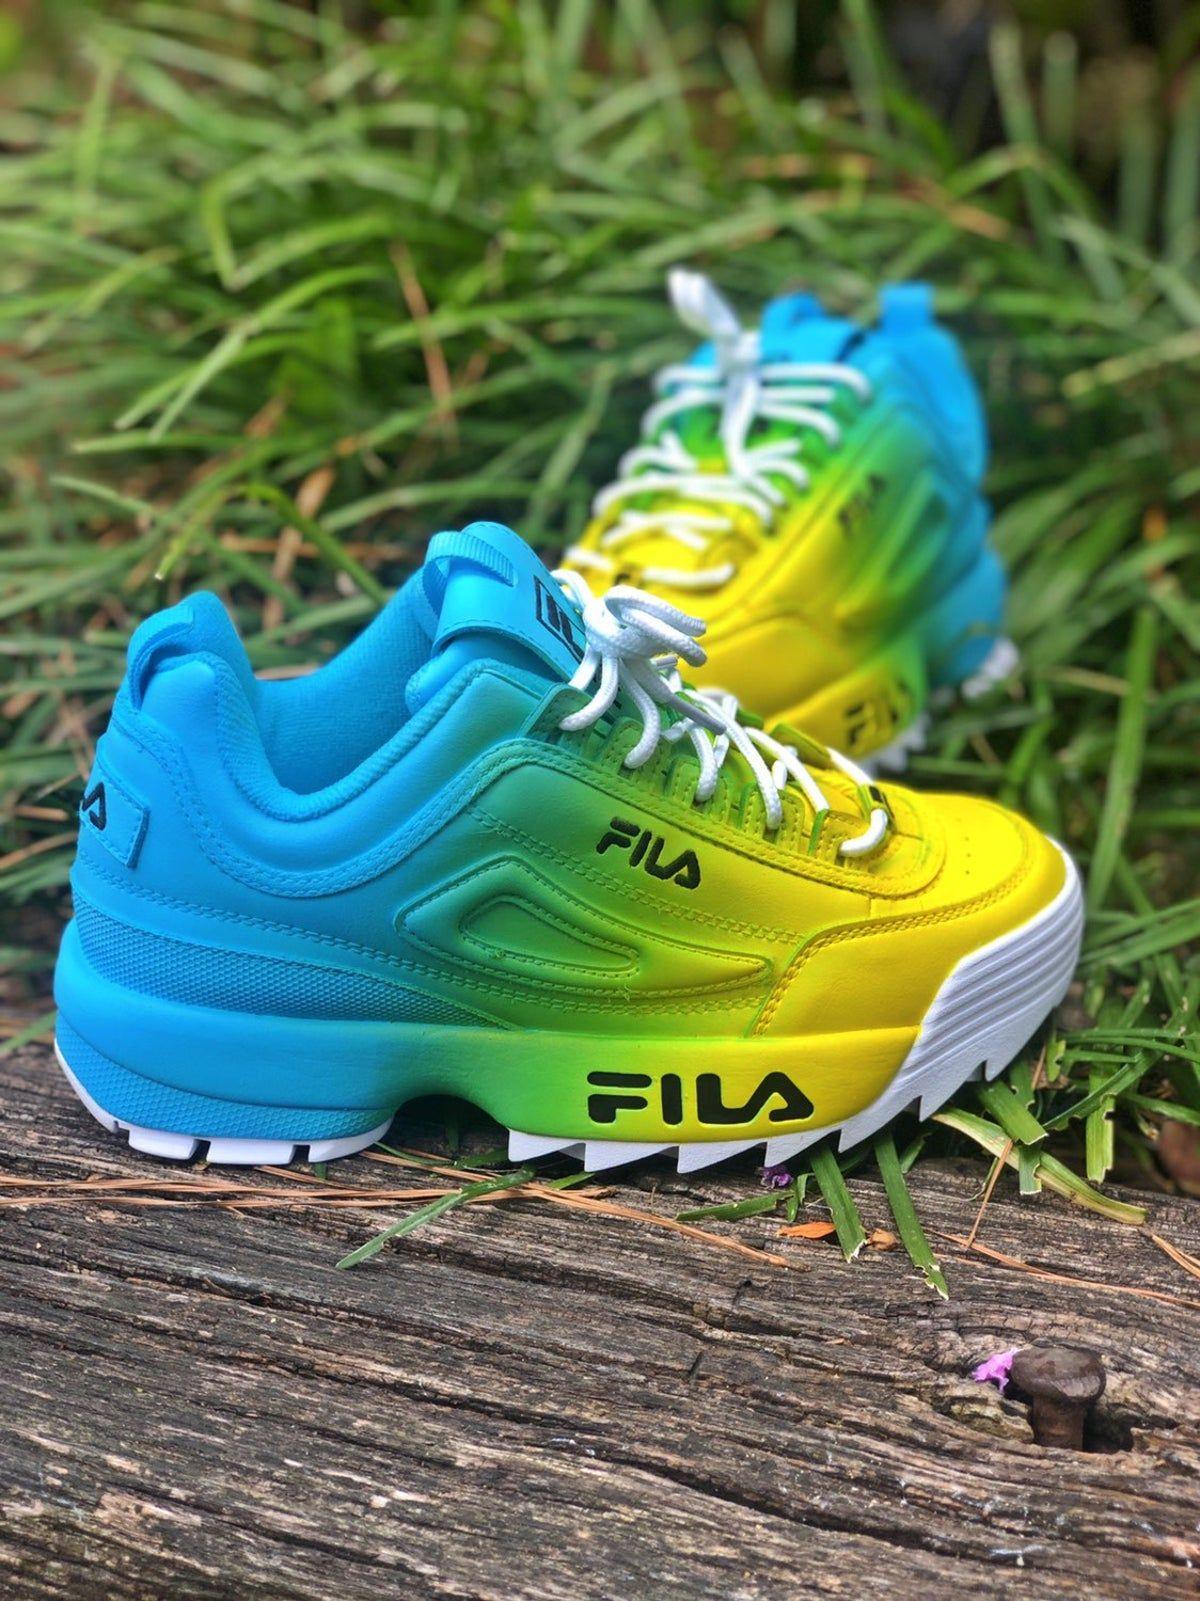 Custom Fila Shoes in 2020 | Nike air